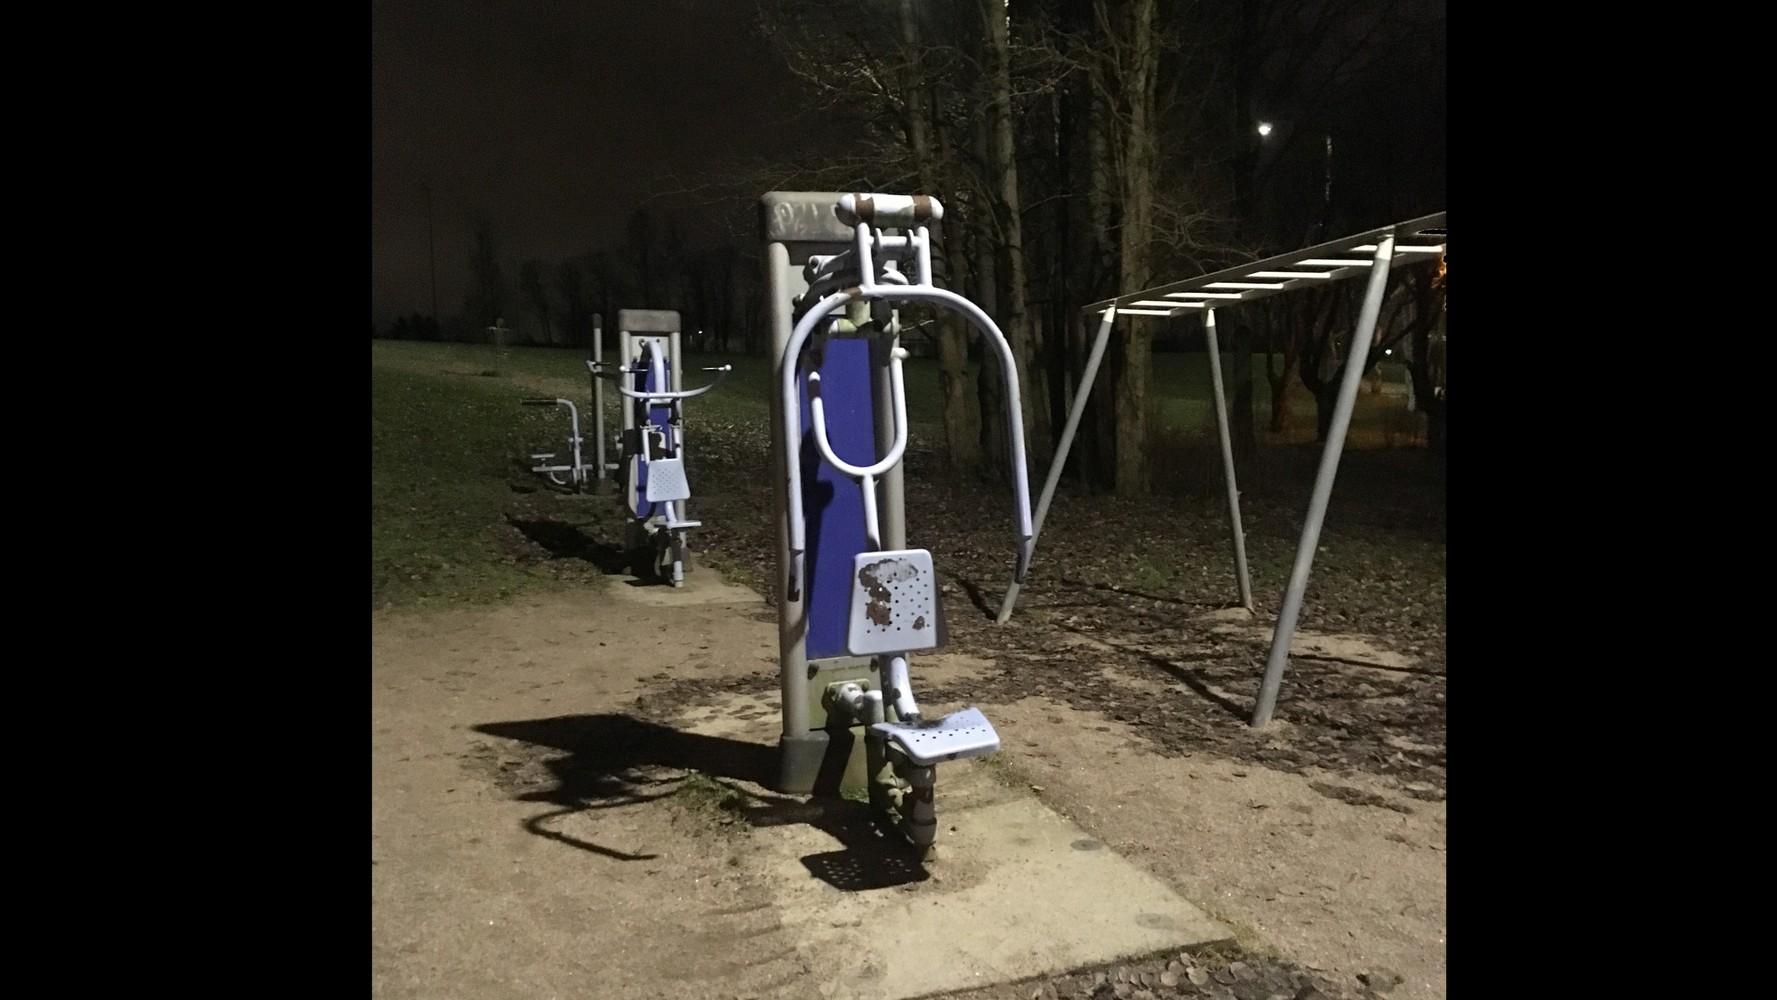 Siltamäen liikuntapuistoon toimivat ulkokuntoiluvälineet